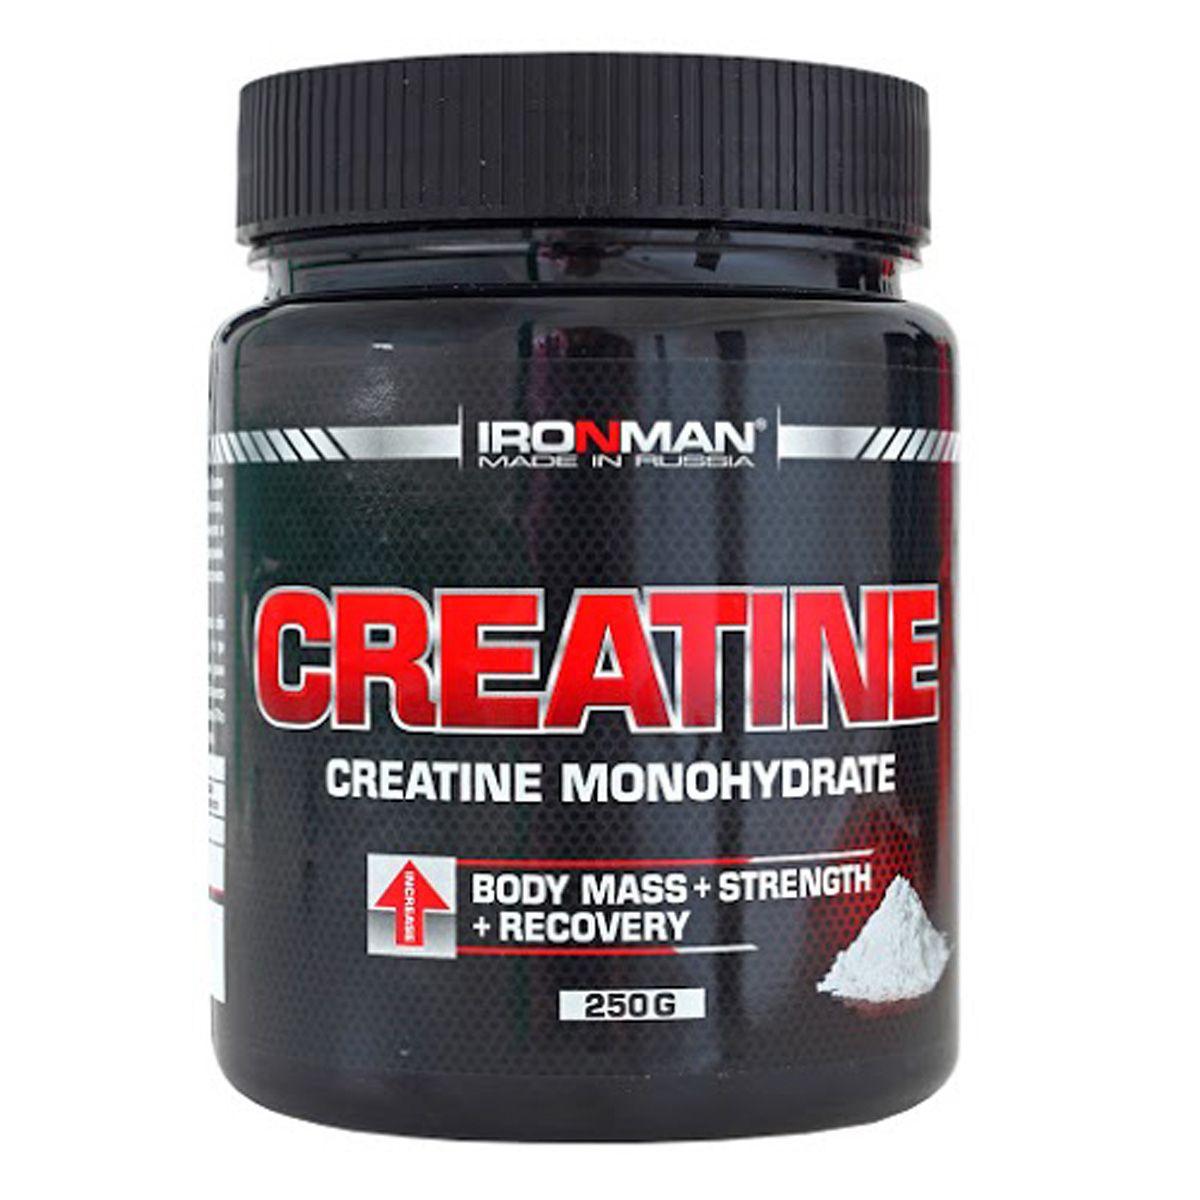 Ironman Креатин, 250 г4650069821151Креатин Моногидрат - это одна из самых популярных пищевых добавок для спортсменов. Исследования показали, что при употреблении моногидрата креатина наблюдается повышение уровня предельных нагрузок, увеличение силы и выносливости. Это объясняется способностью моногидрата креатина поддерживать высокий уровень АТФ в клетках, при одновременном снижении концентрации аммиака в крови. В продуктах серии IRONMAN используется особо чистый моногидрат креатина марки CreaPure, полностью свободный от вредных примесей креатинина, дициандиамида и др. Состав: Моногидрат креатина 5 г